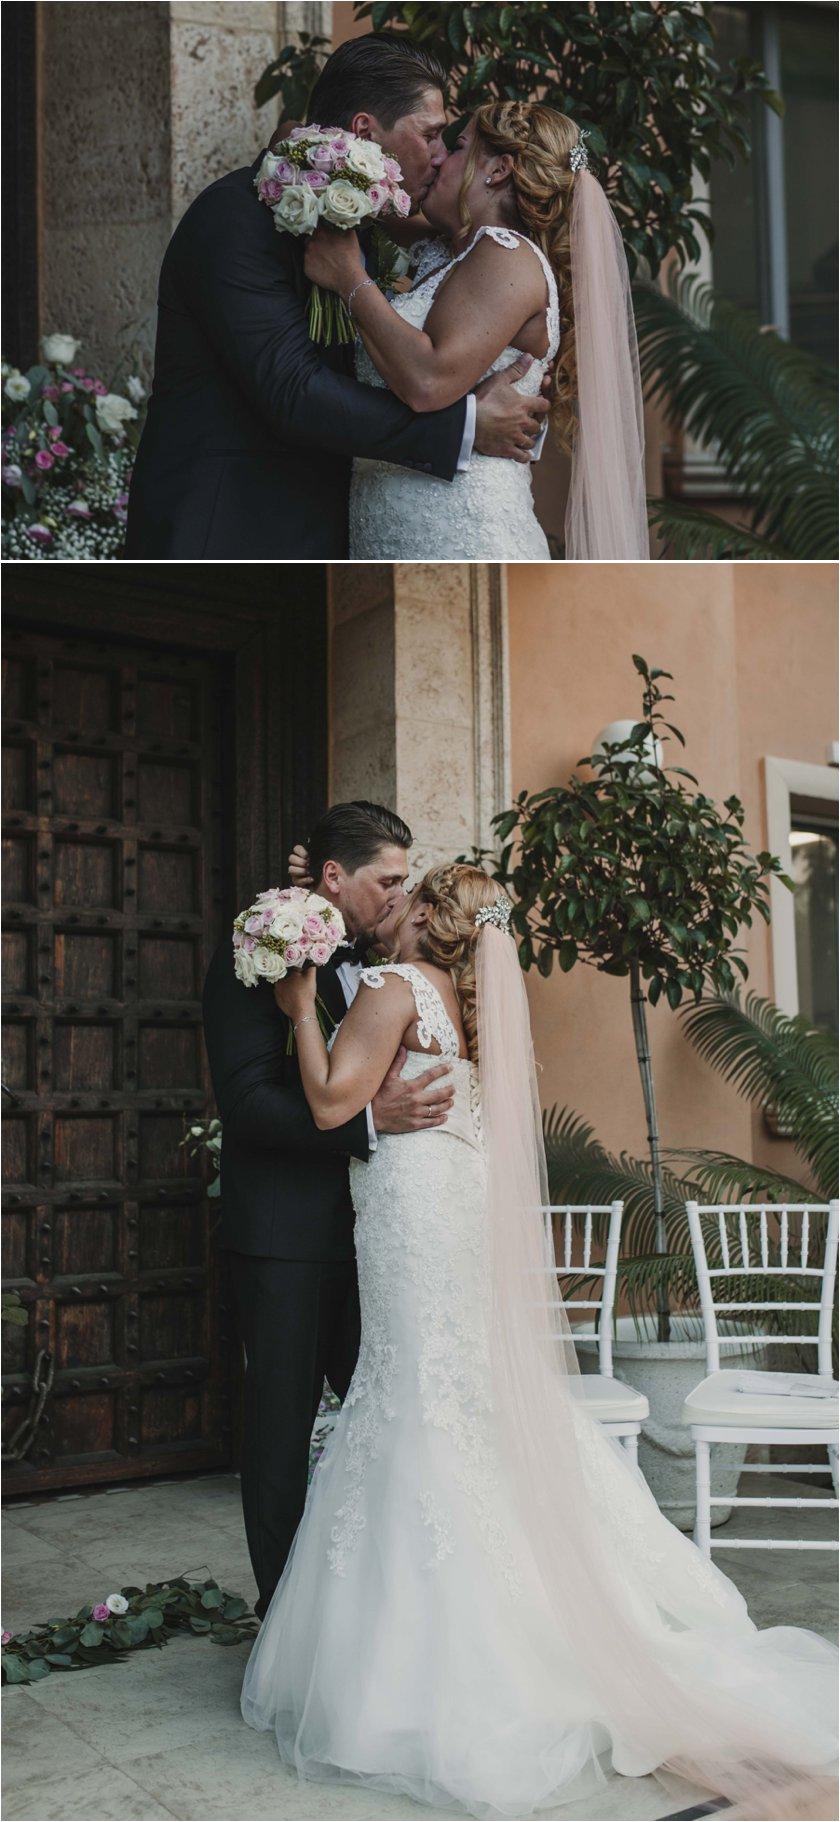 fotografo de bodas alicante victor pascual molins2018-10-30_0031.jpg